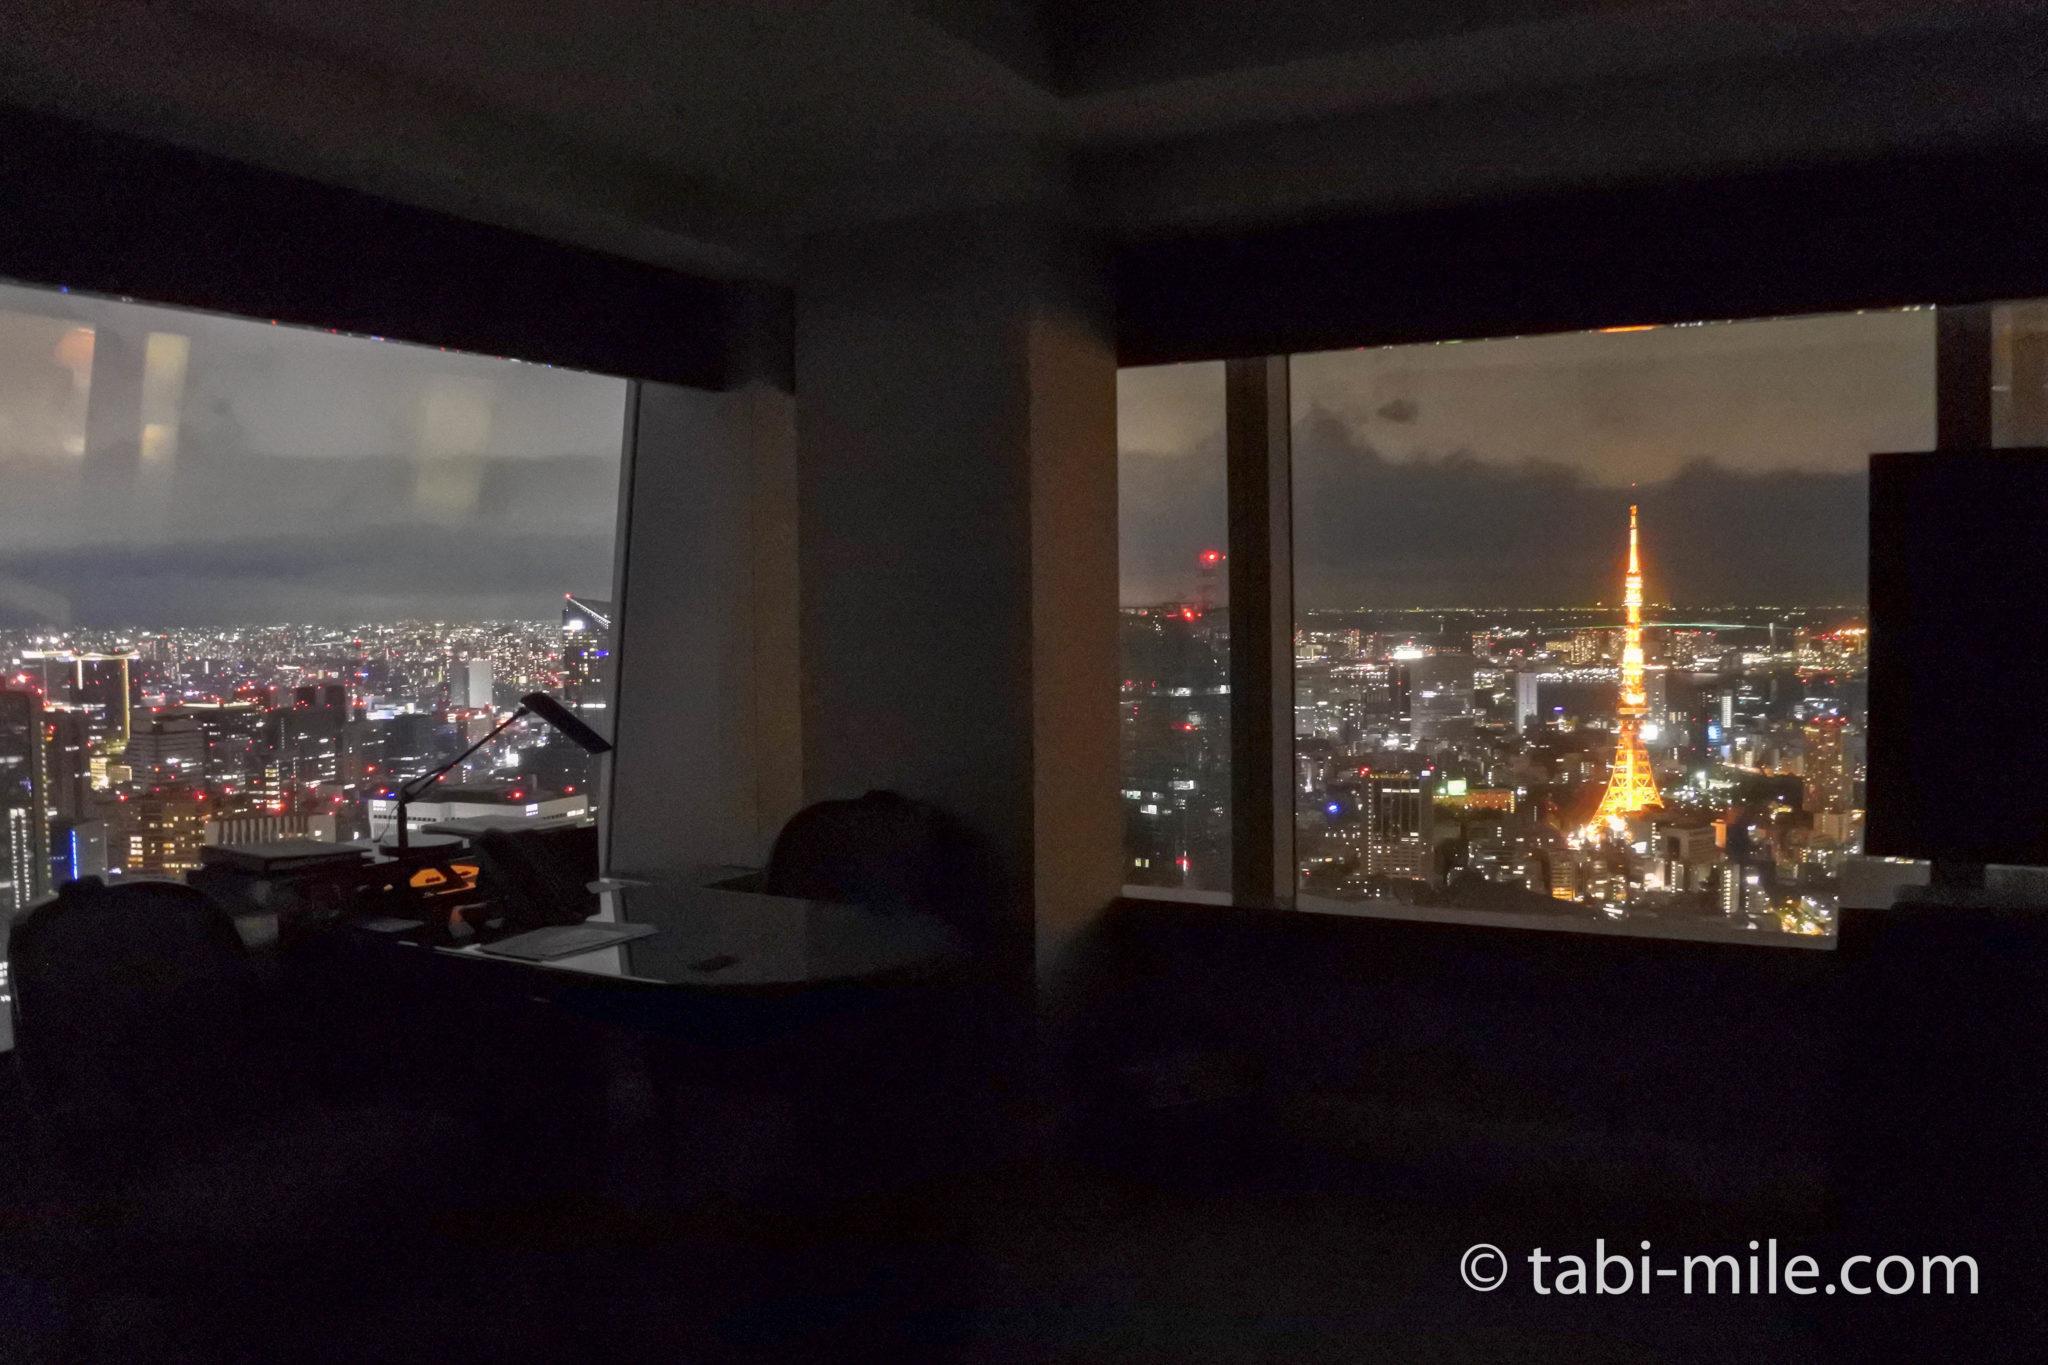 ザ・リッツ・カールトン東京のクラブルーム